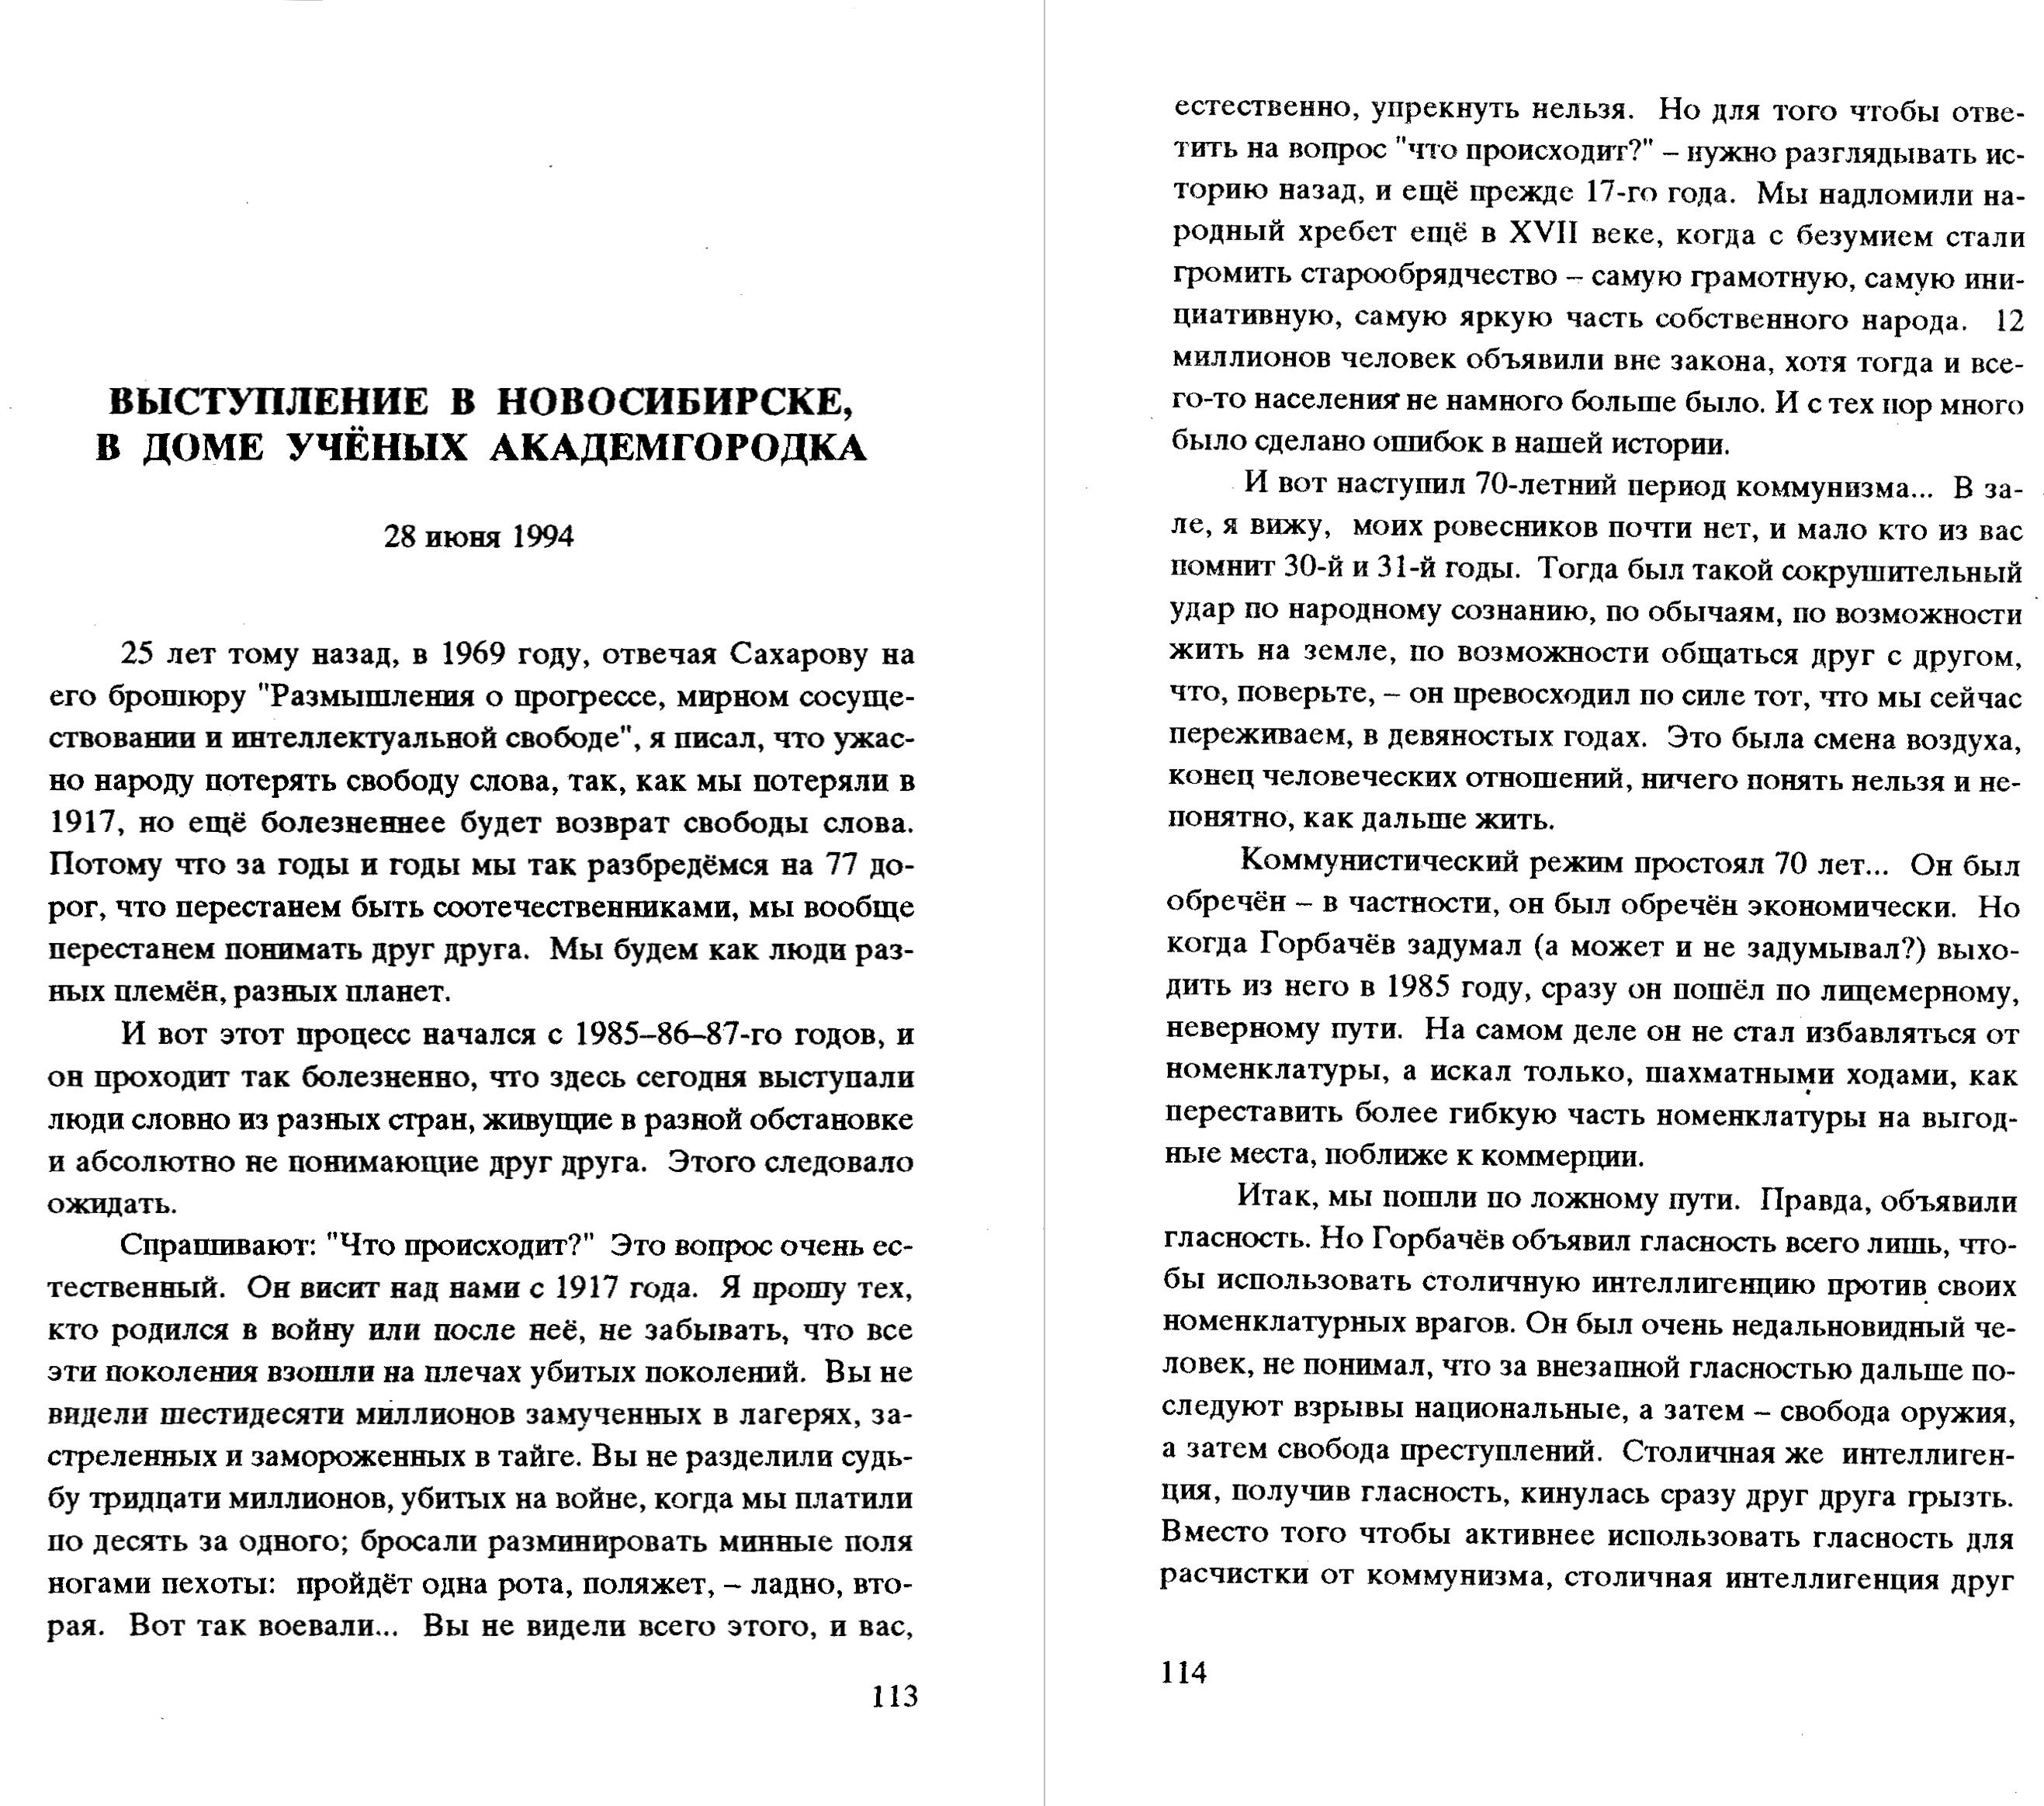 Солженицын-По минуте с день (1995)-с113-114